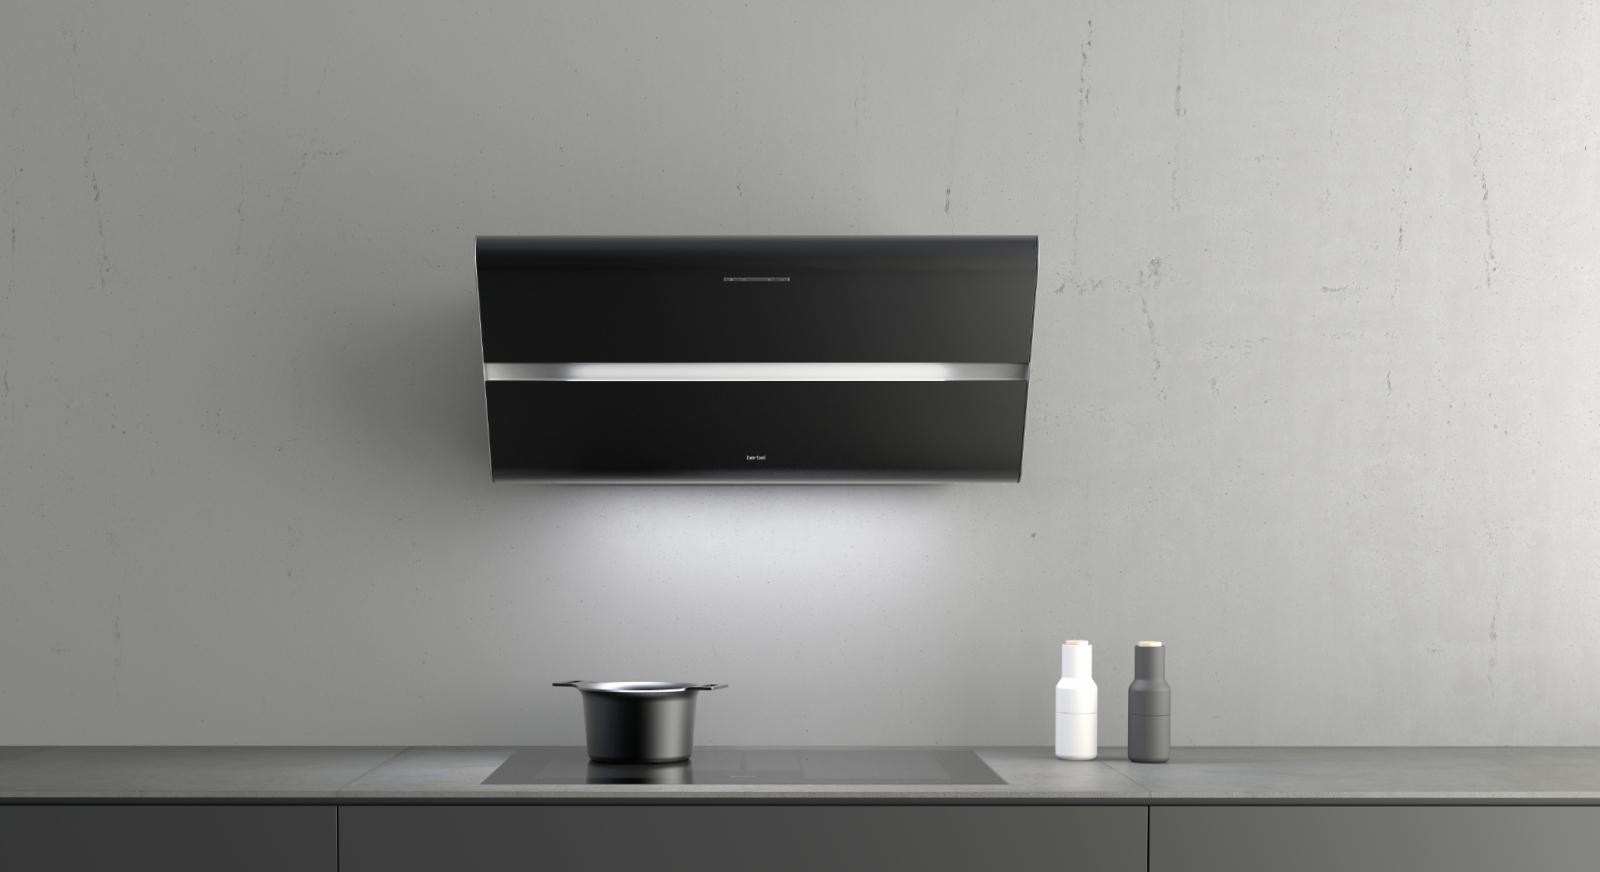 hotte oblique berbel bkh smartline. Black Bedroom Furniture Sets. Home Design Ideas